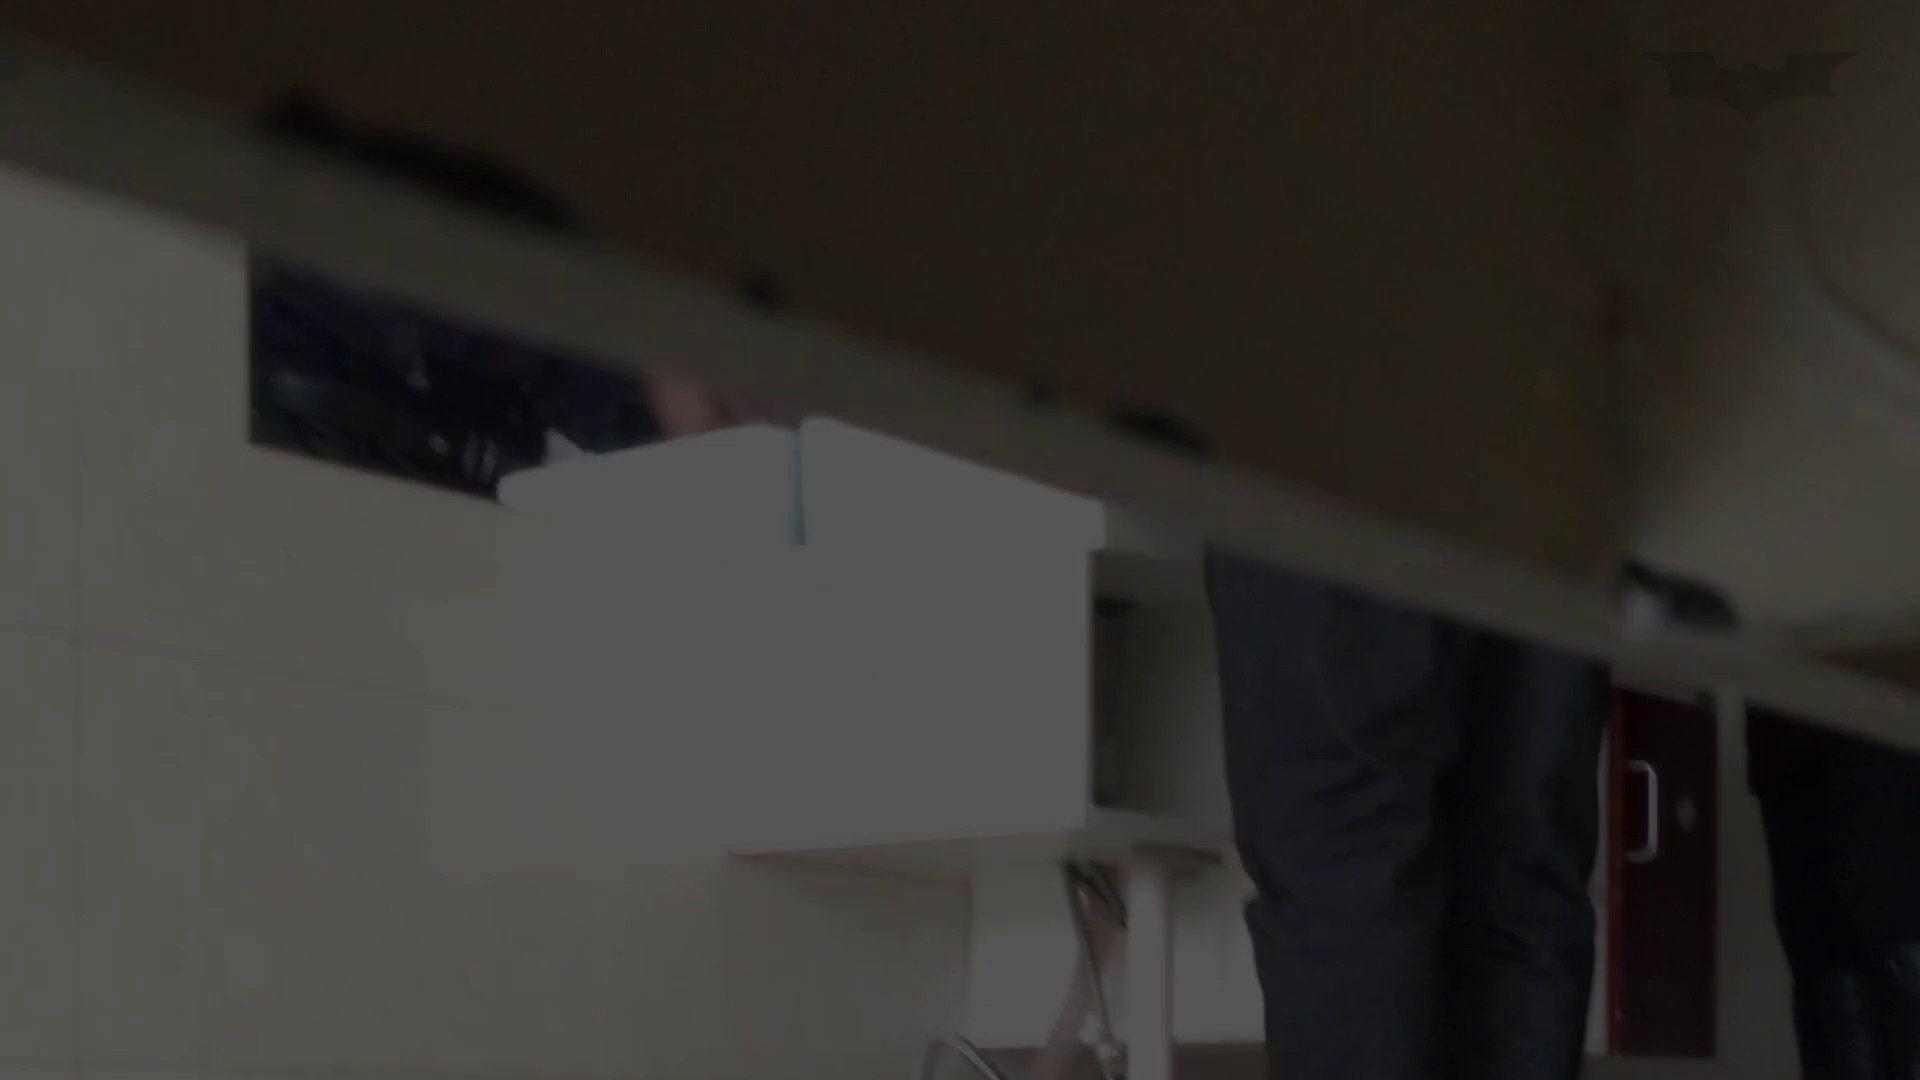 芸術大学ガチ潜入盗撮 JD盗撮 美女の洗面所の秘密 Vol.112 トイレの実態 隠し撮りオマンコ動画紹介 92PIX 53